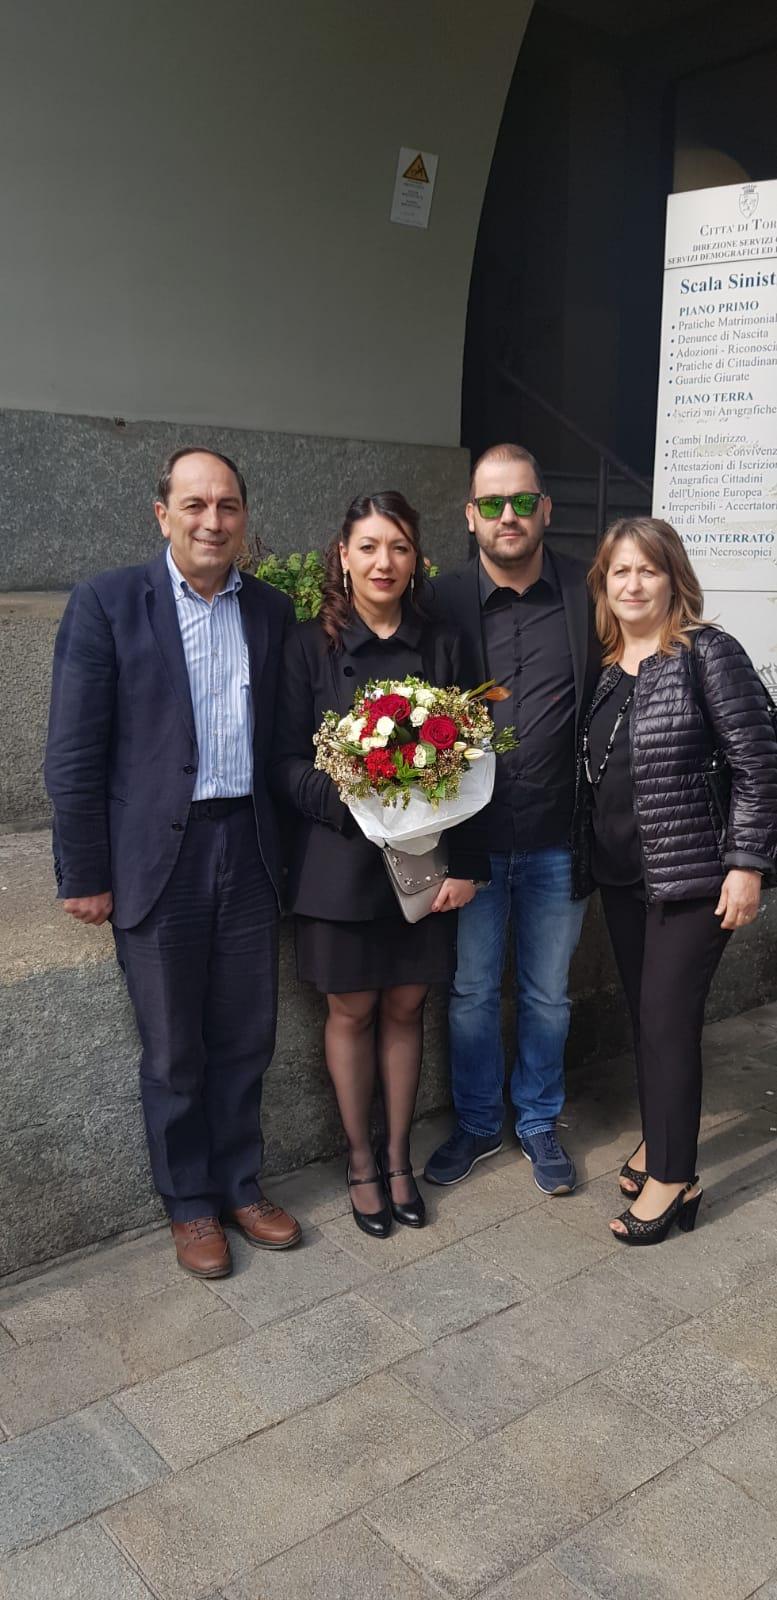 Una promessa di matrimonio molisana a Torino. Gli auguri ai neo sposi Giuseppe e Maria.